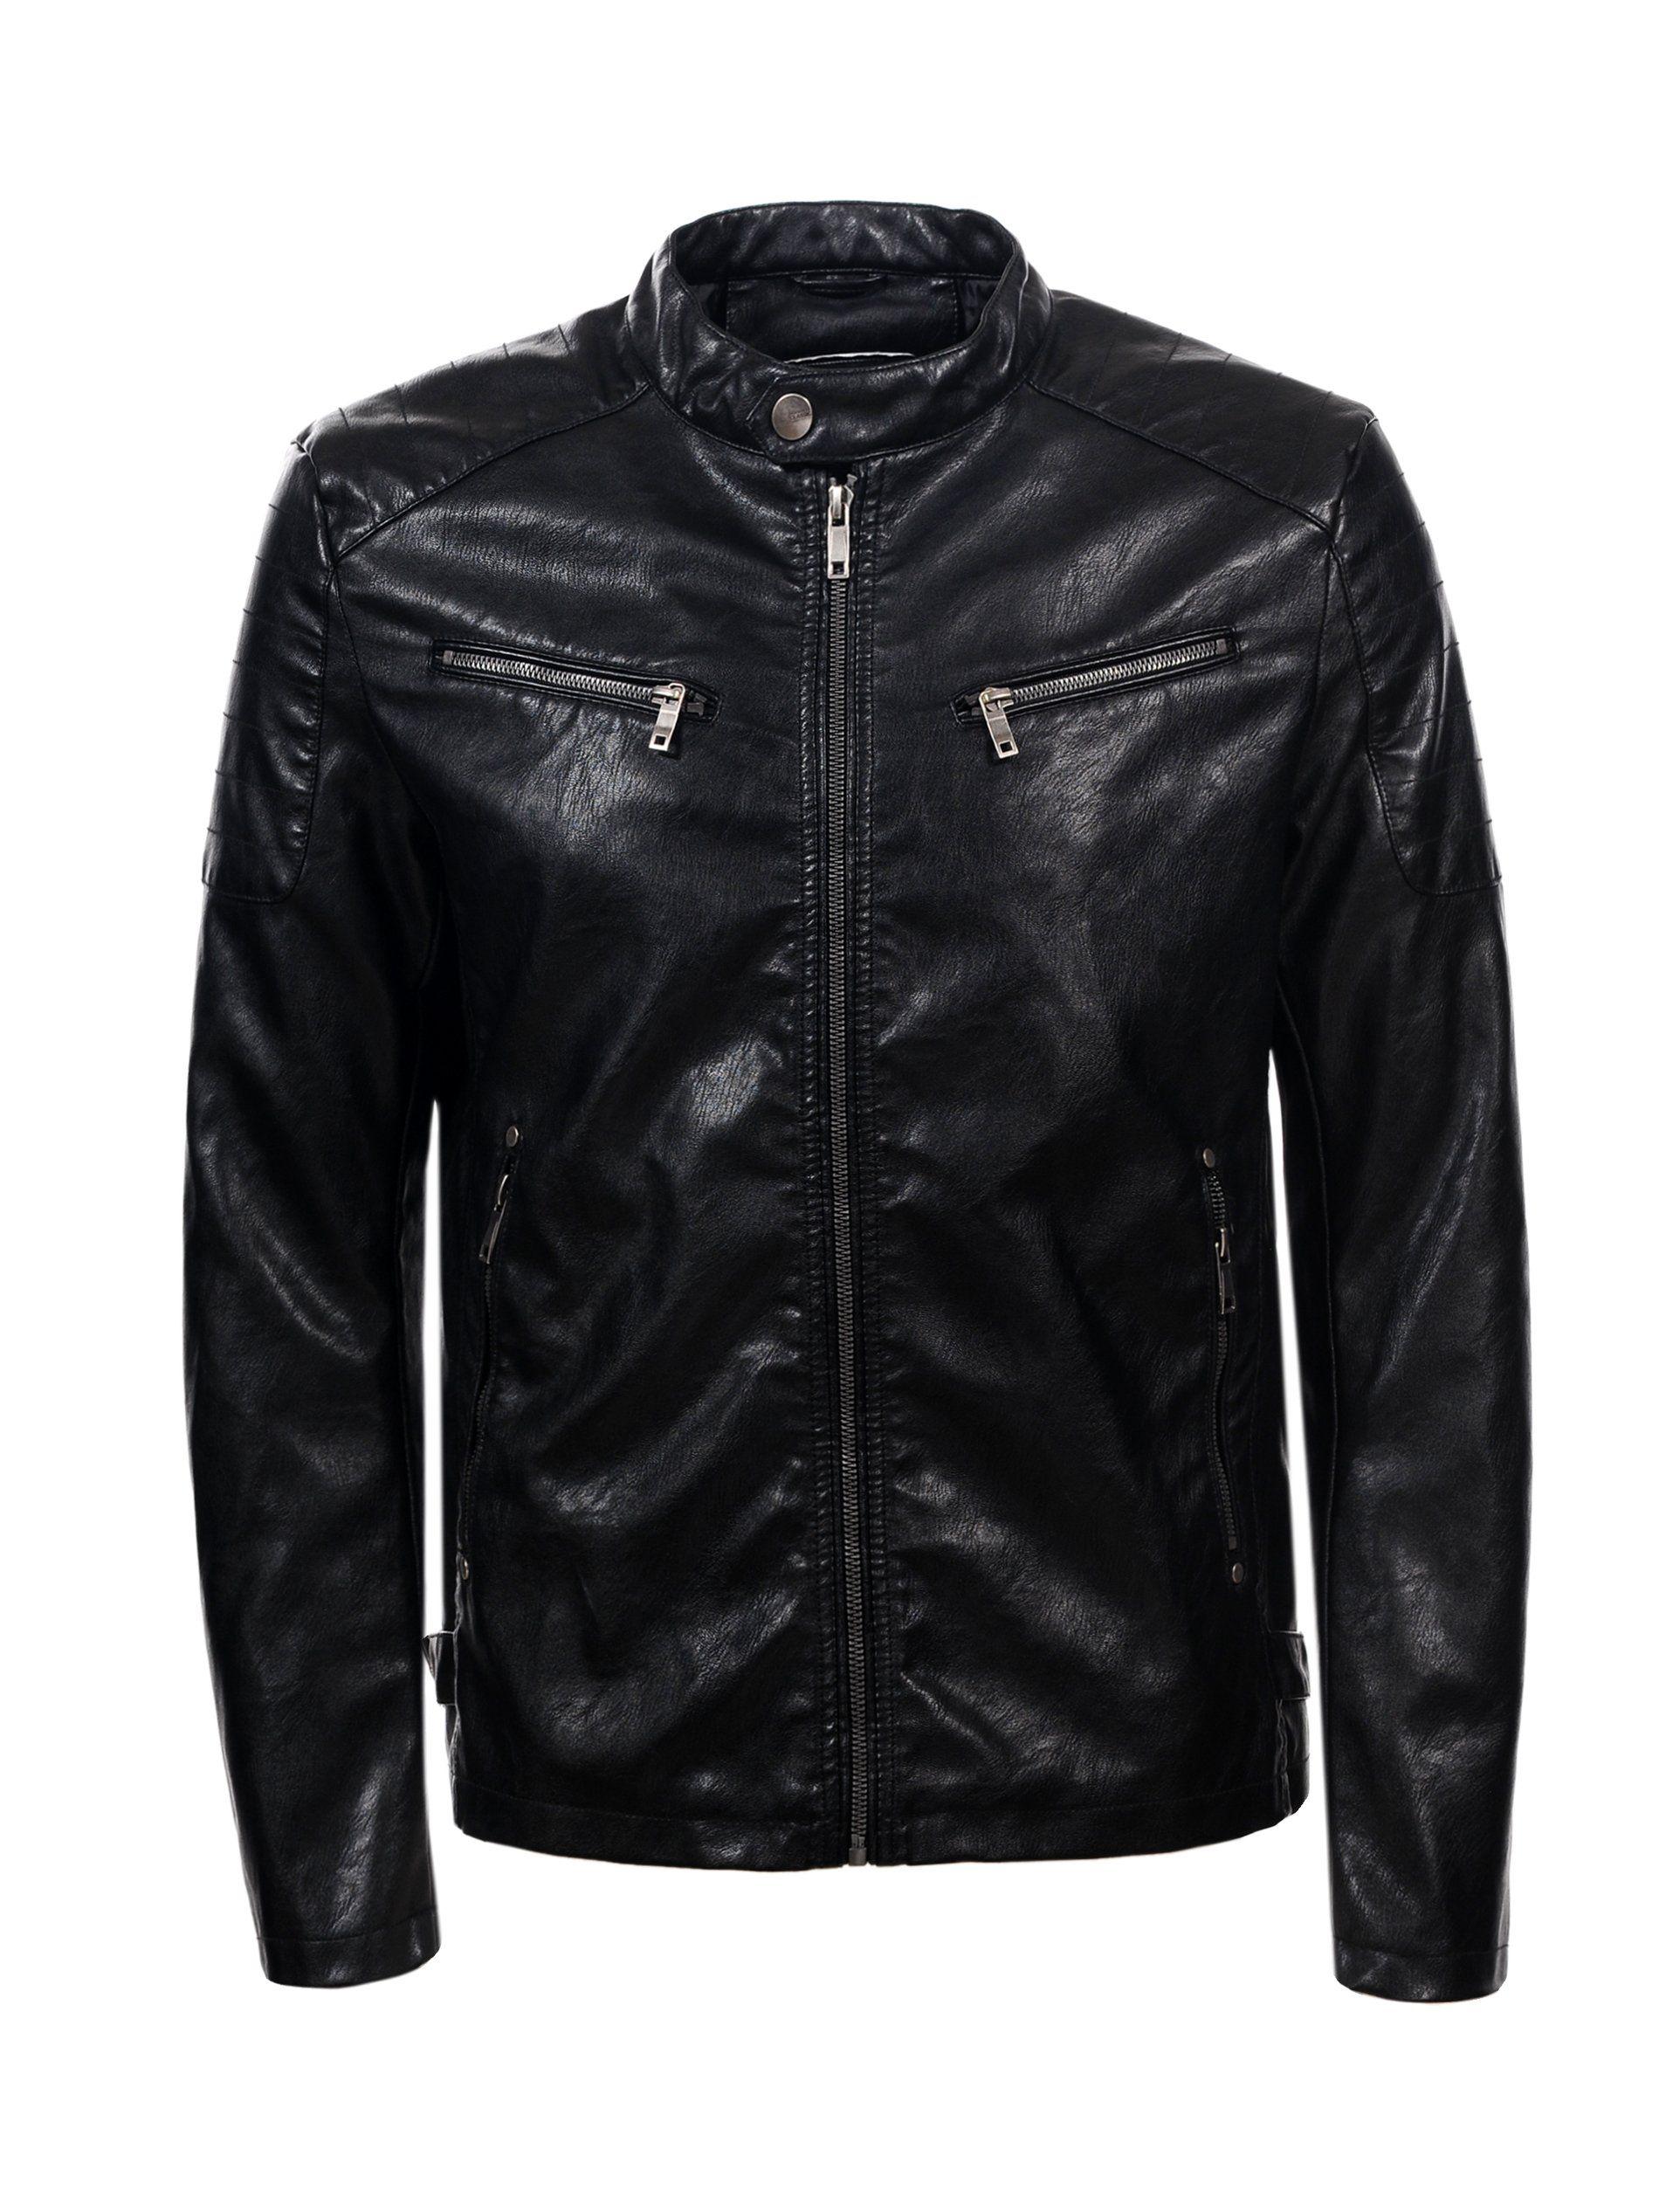 Skorzana Kurtka Meska Eko Skora Meska Ramoneska M 7231003334 Oficjalne Archiwum Allegro Leather Jacket Fashion Jackets